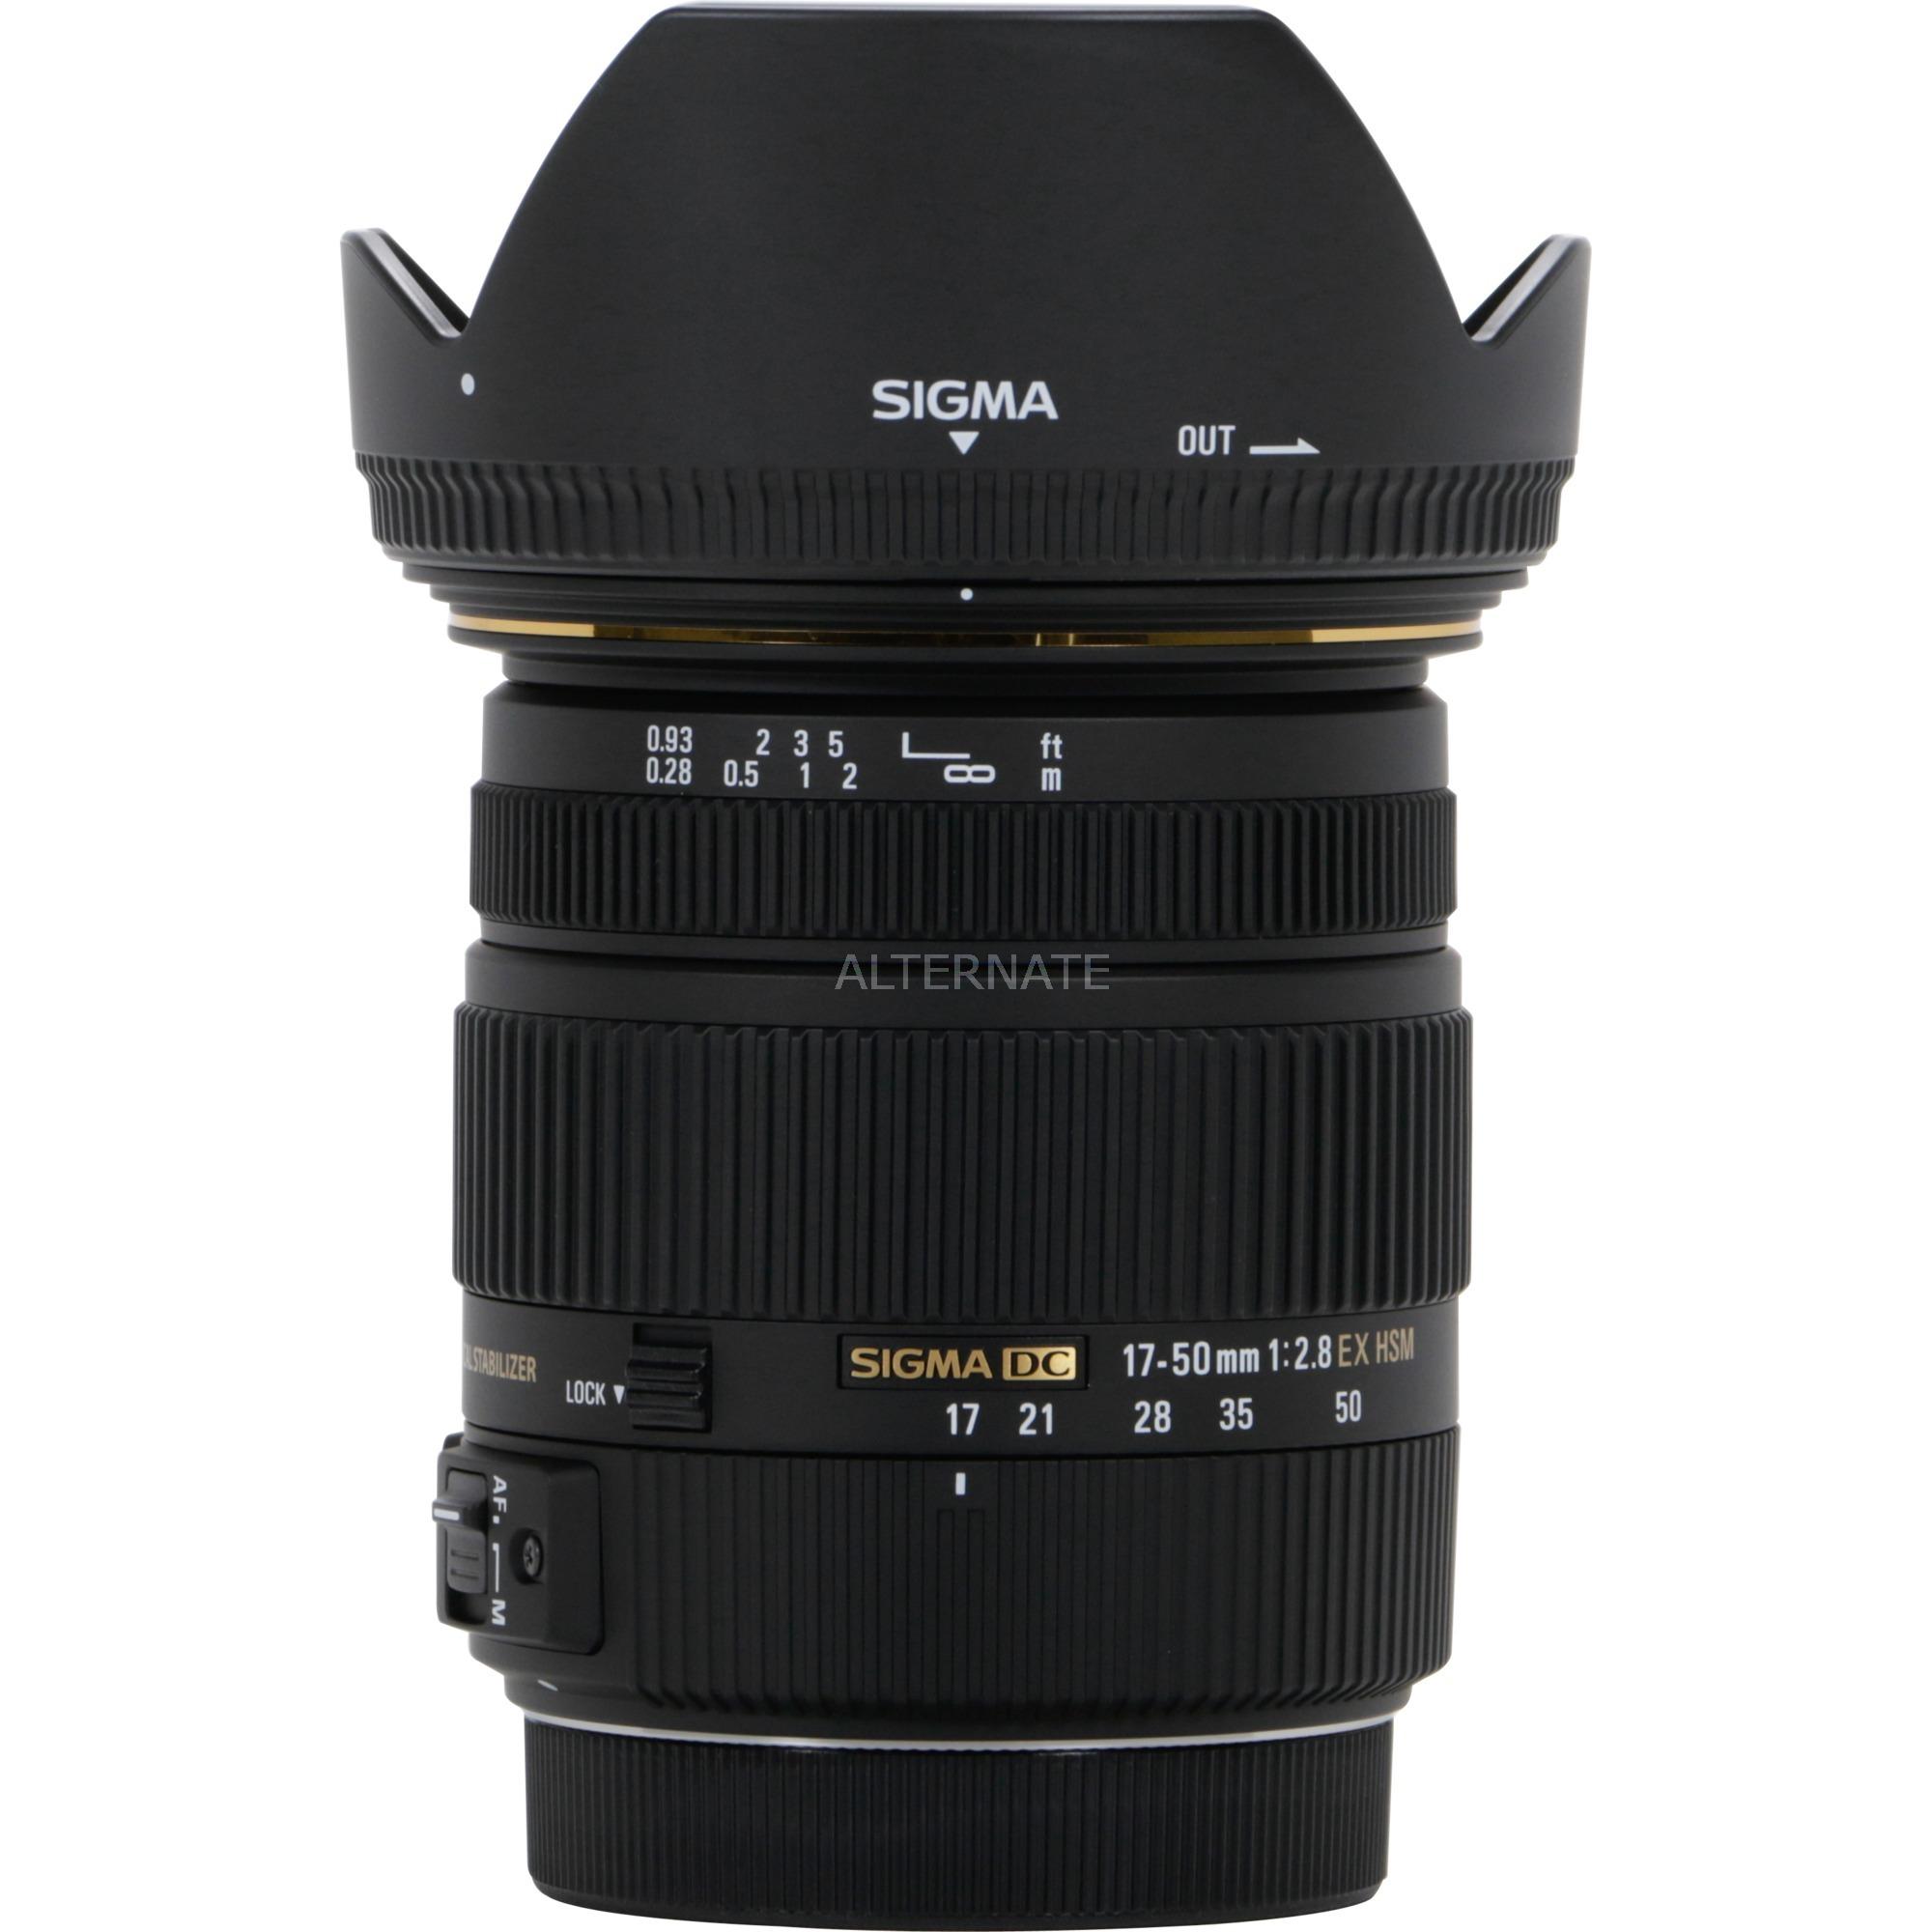 17-50mm F2.8 EX DC OS HSM SLR Objectif zoom standard Noir, Lentille